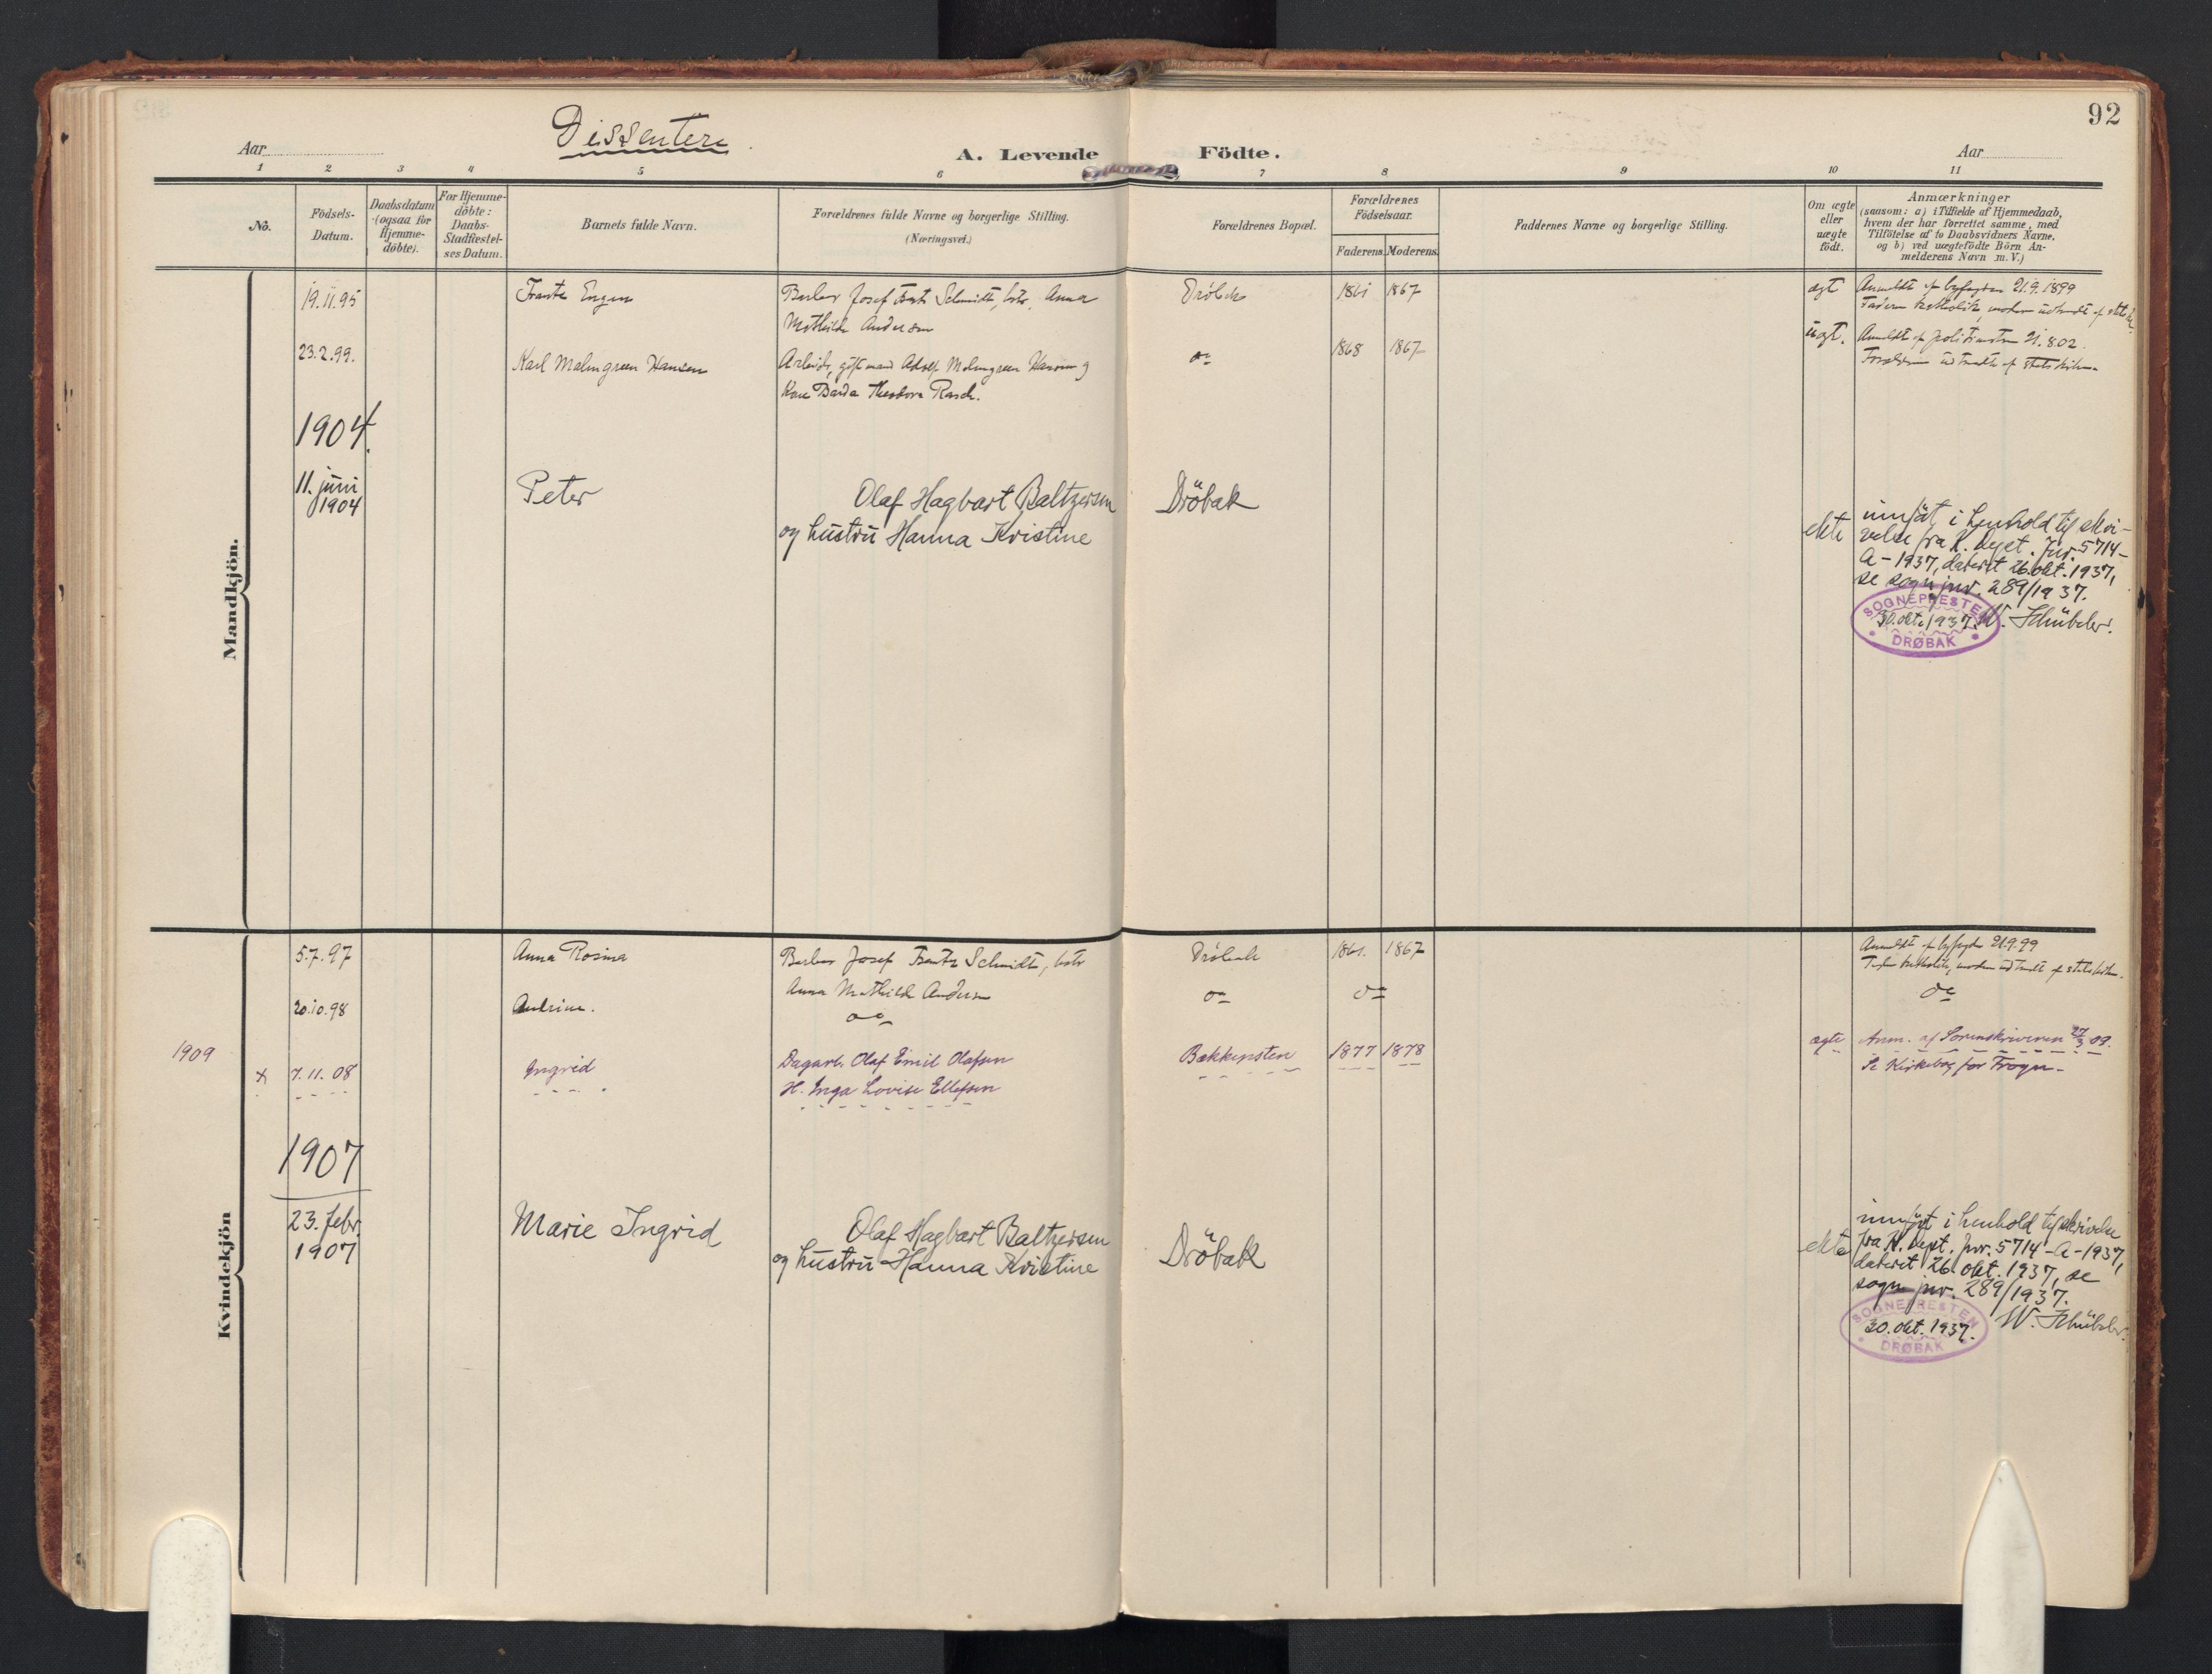 SAO, Drøbak prestekontor Kirkebøker, F/Fb/L0003: Ministerialbok nr. II 3, 1897-1918, s. 92